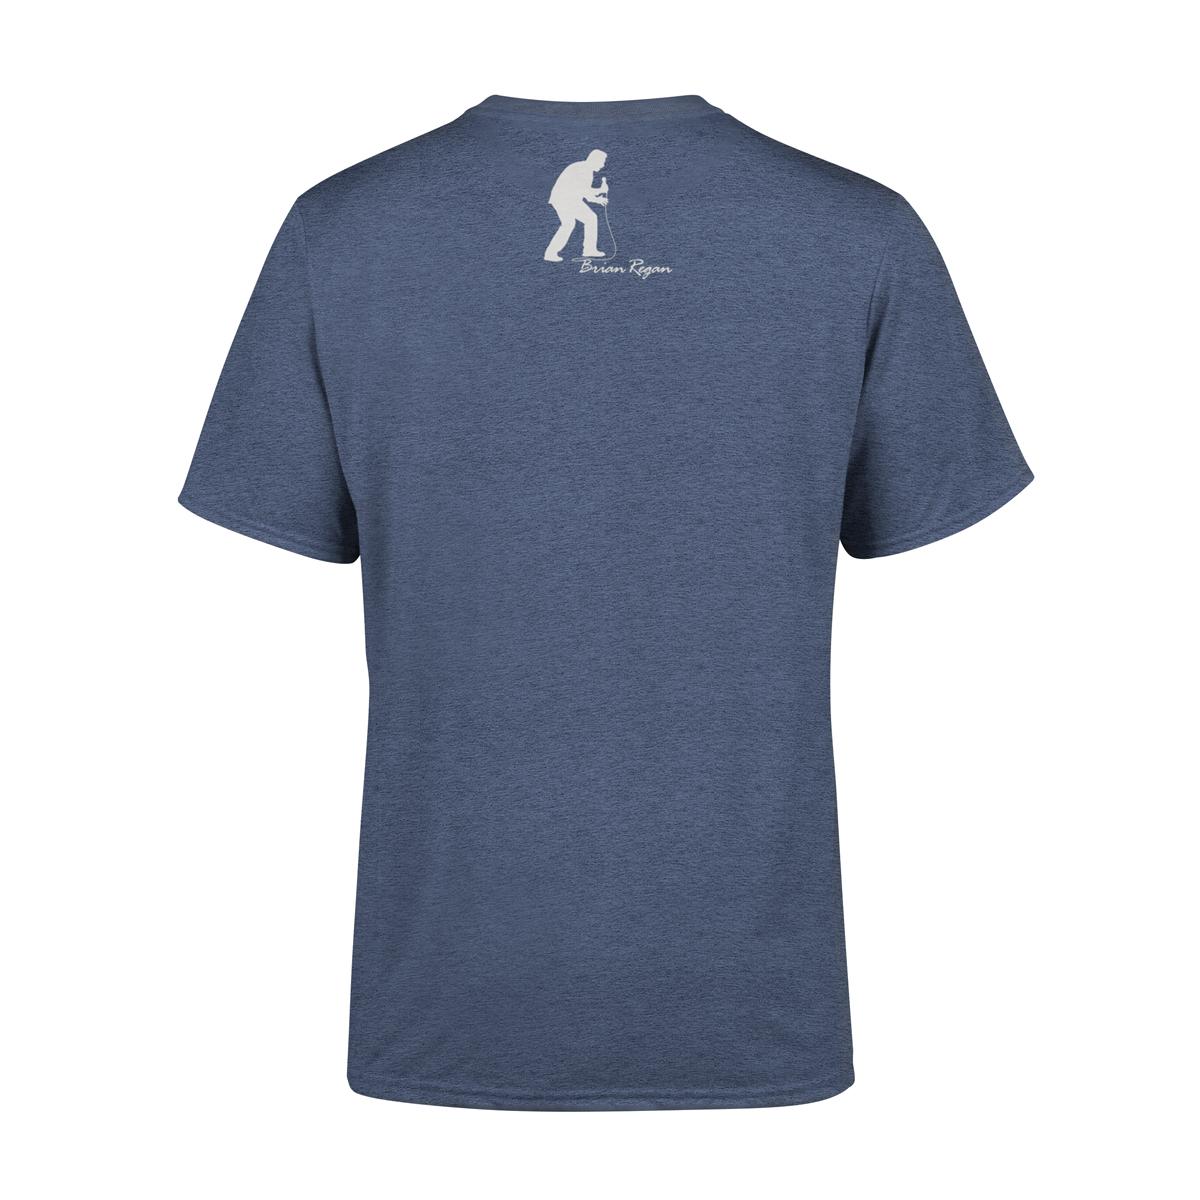 Brian Regan BRIVOLBN#7Q T-shirt